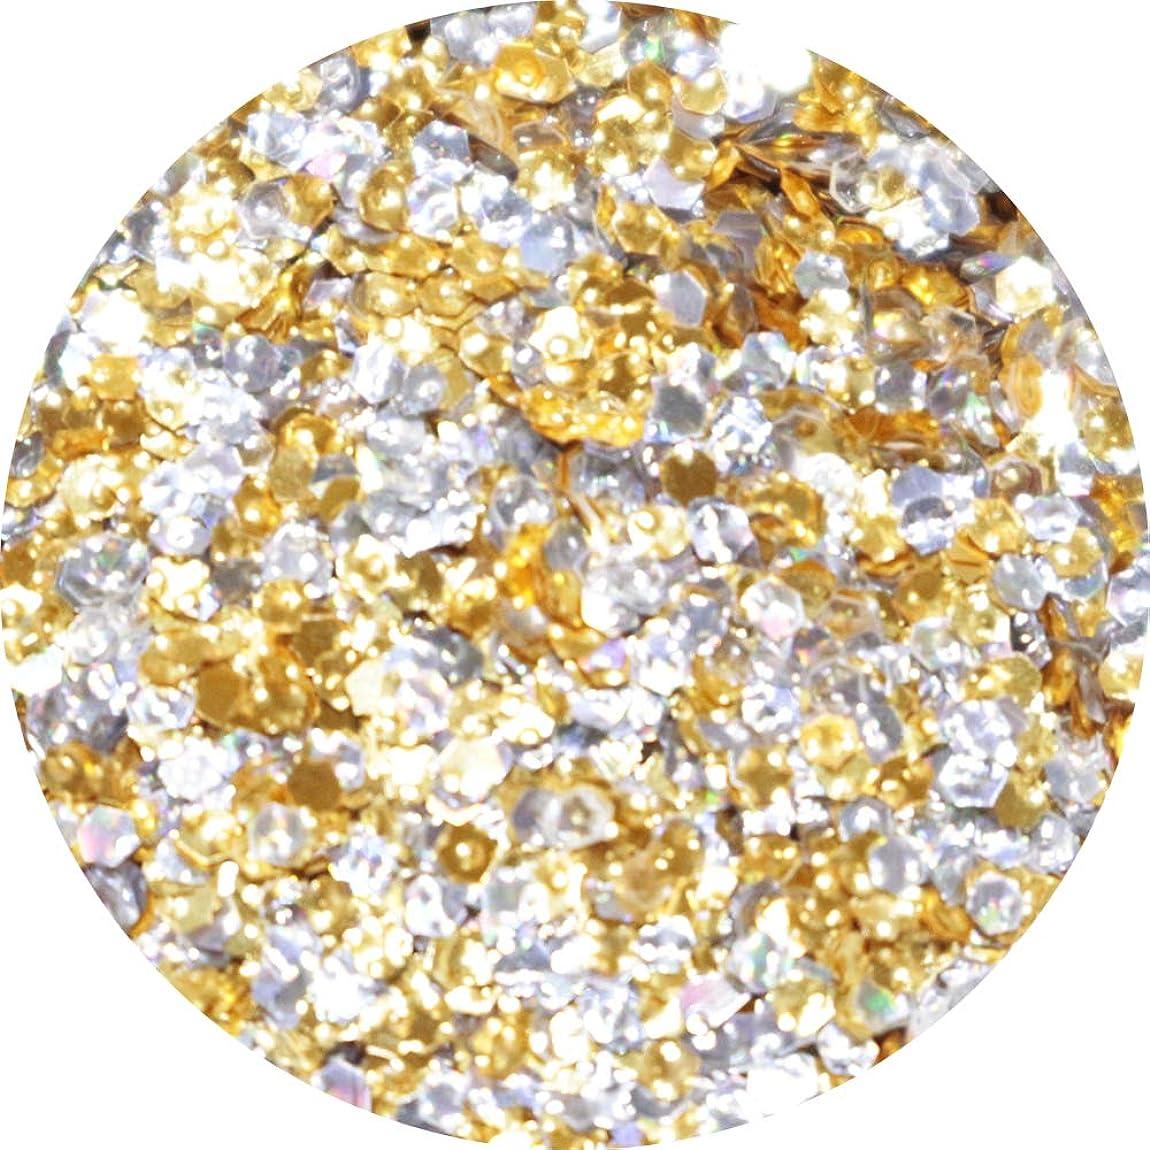 変色するペルソナ長さMATIERE エンボスホログラム ゴールド×シルバー